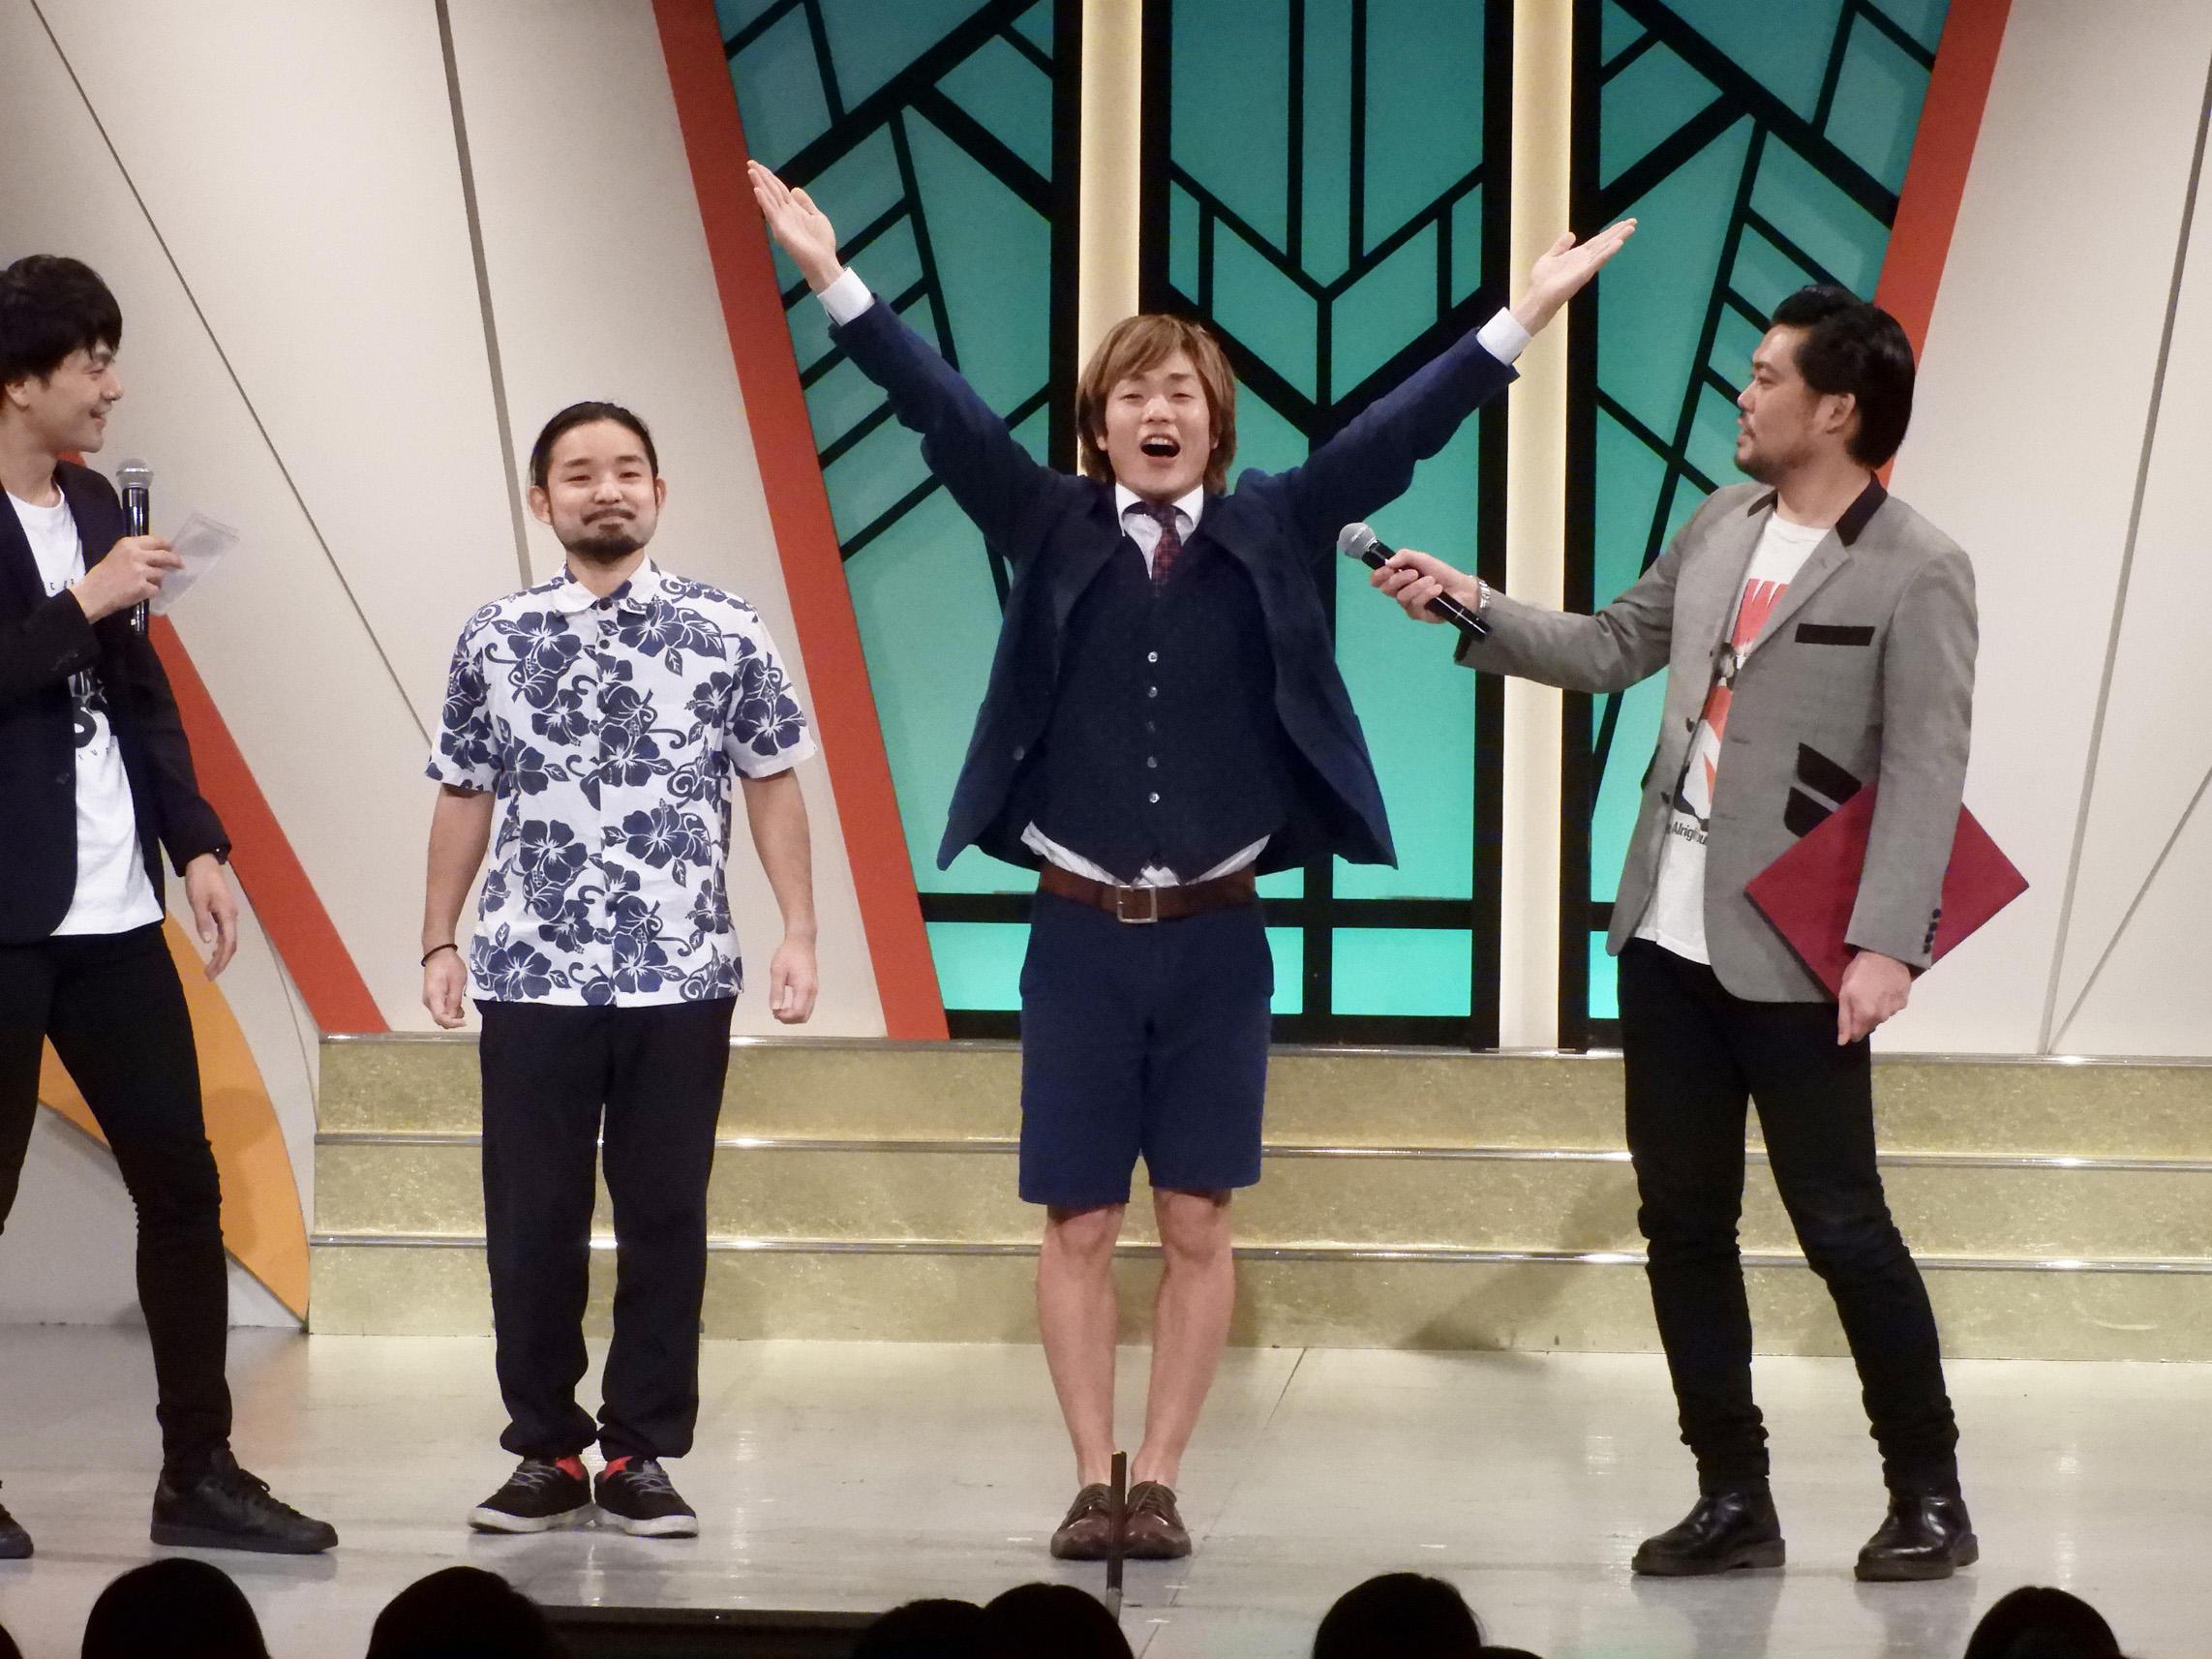 http://news.yoshimoto.co.jp/20181109121512-d951d274b7eea3ee265e5d91431386c8bceee7f5.jpg